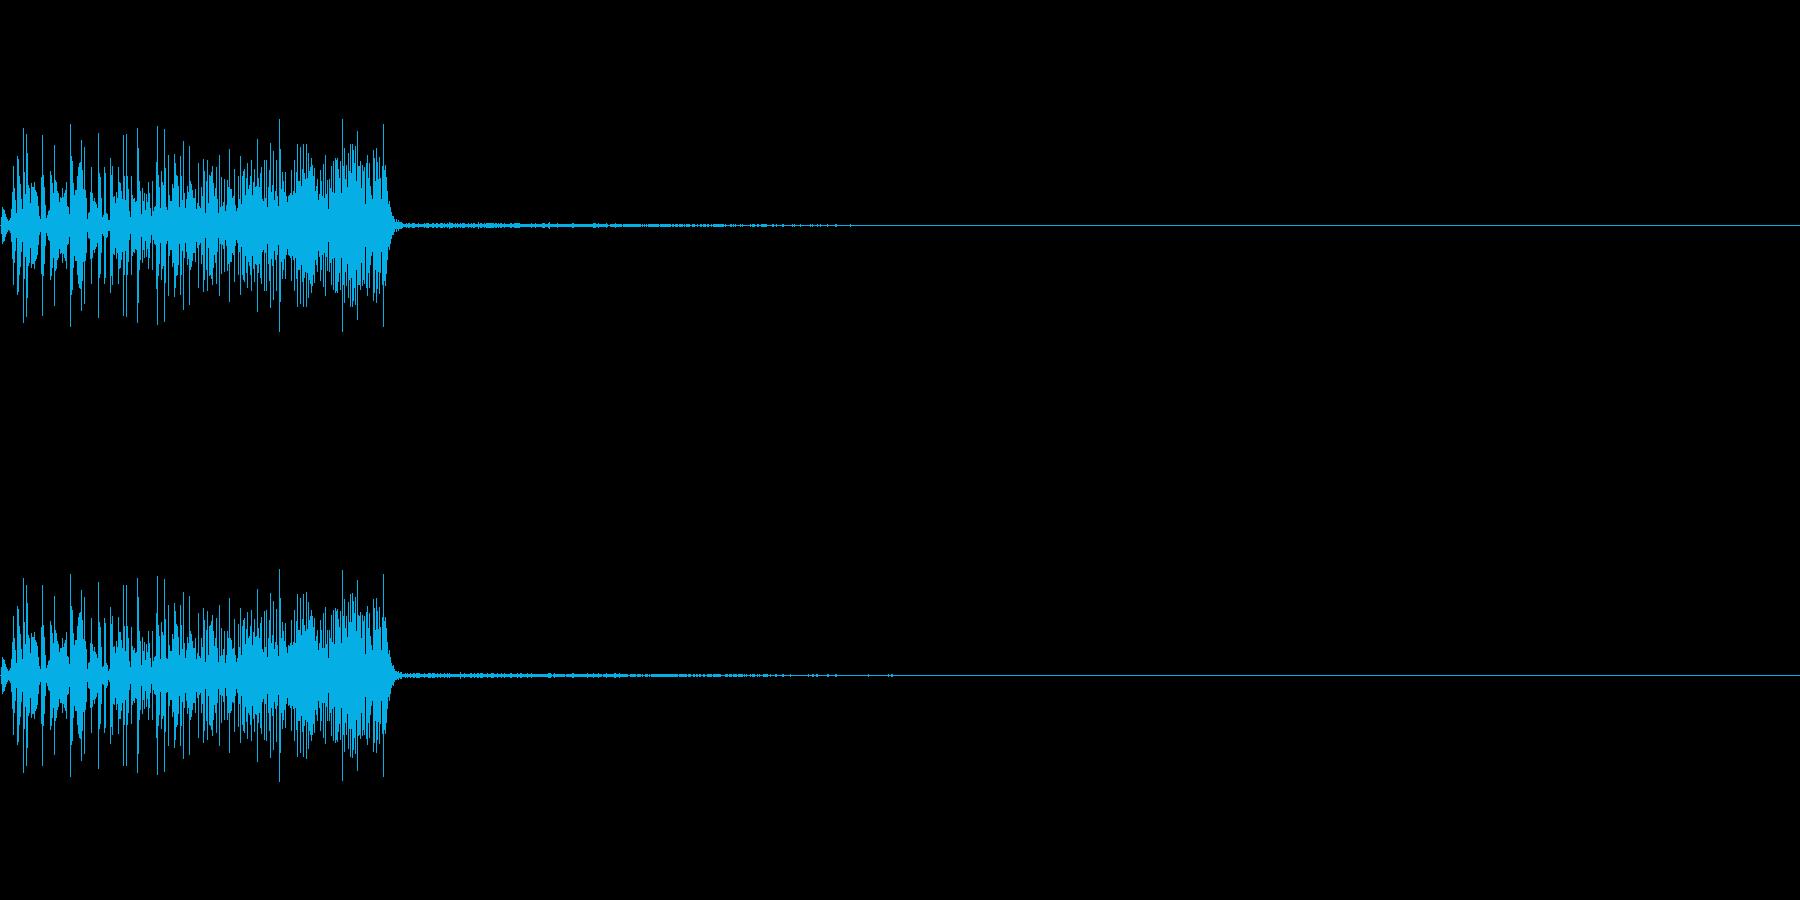 ボワッ、ポワッ(カーソル、選択、操作)の再生済みの波形